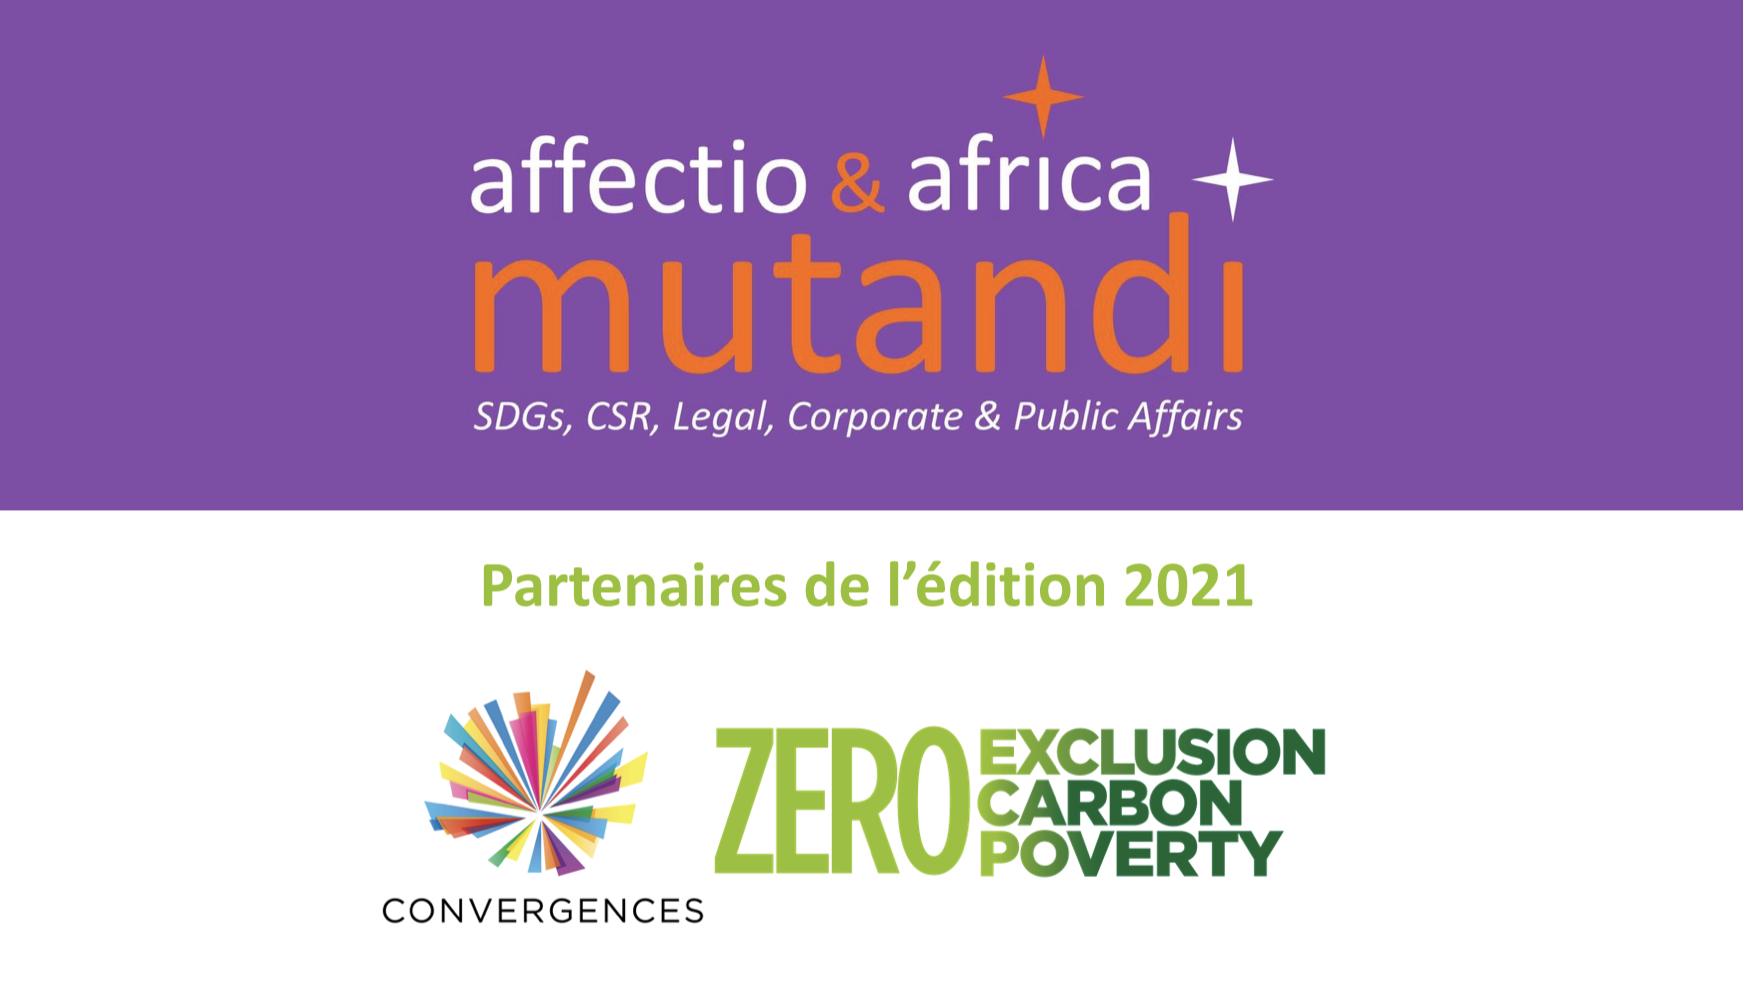 Affectio & Africa Mutandi partenaires de Convergences – 200 places gratuites disponibles !!!